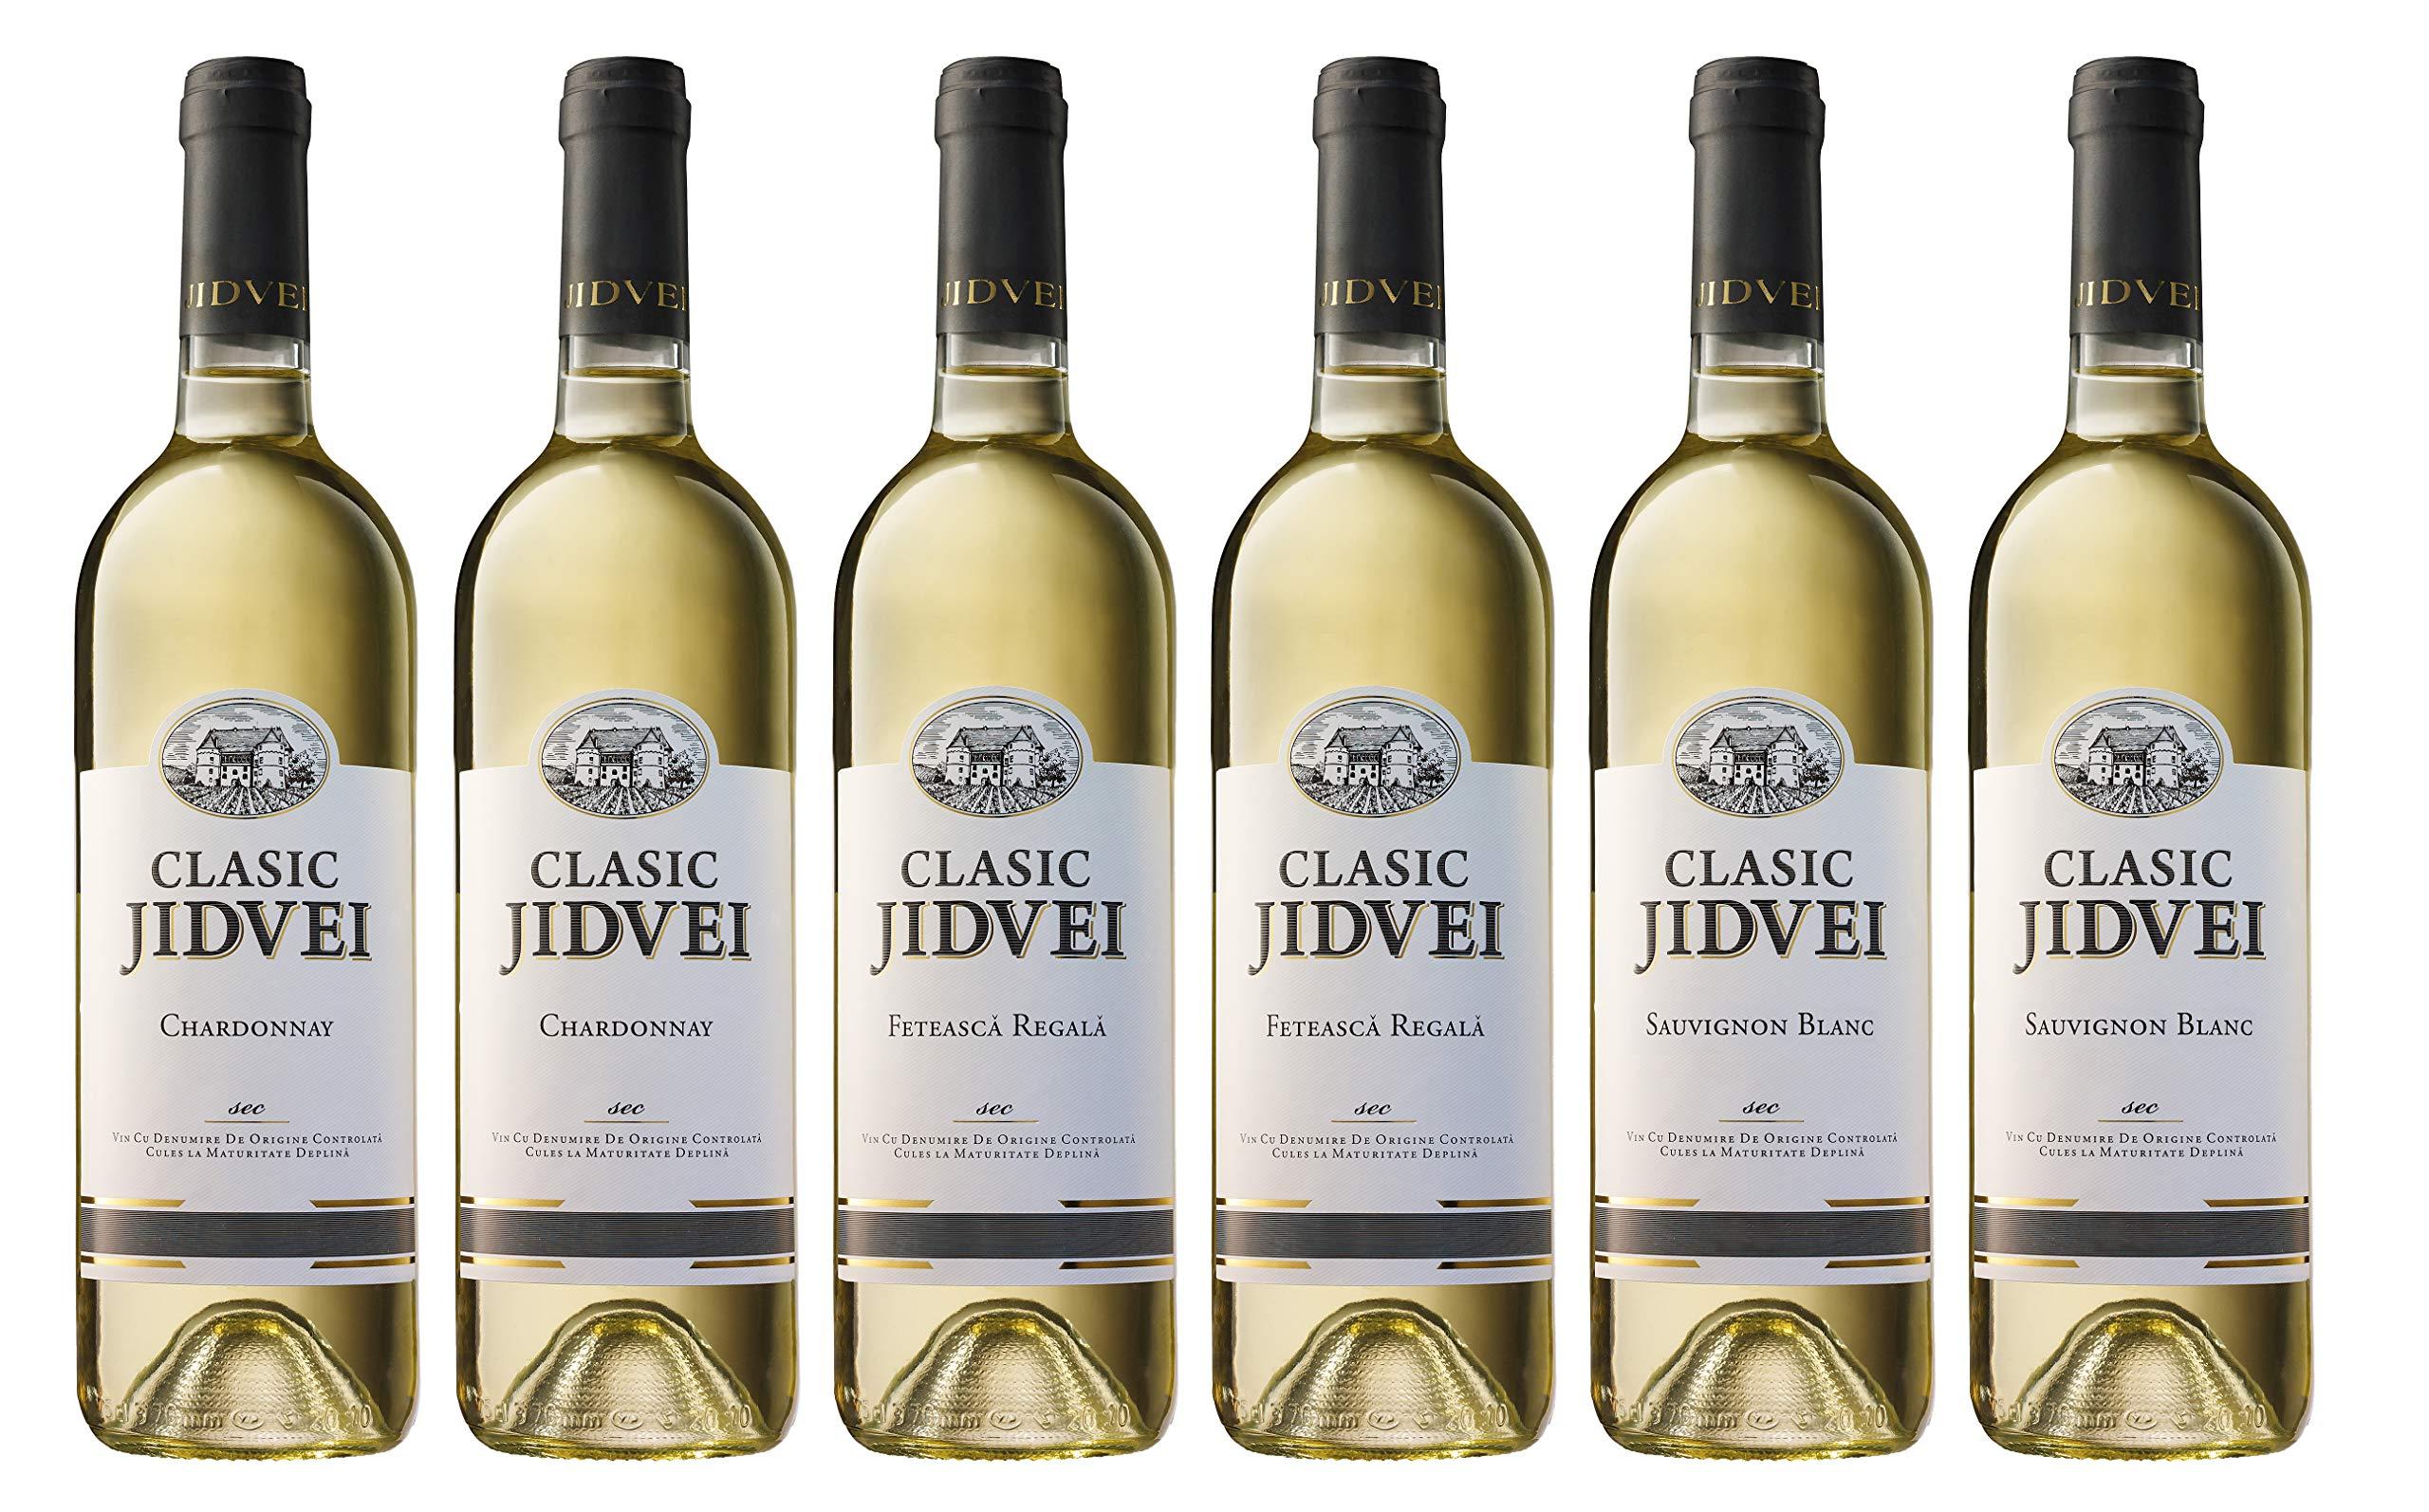 Jidvei-Weinpaket-Clasic–verschiedene-rumnische-Qualittsweine-DOC-6-x-075-L